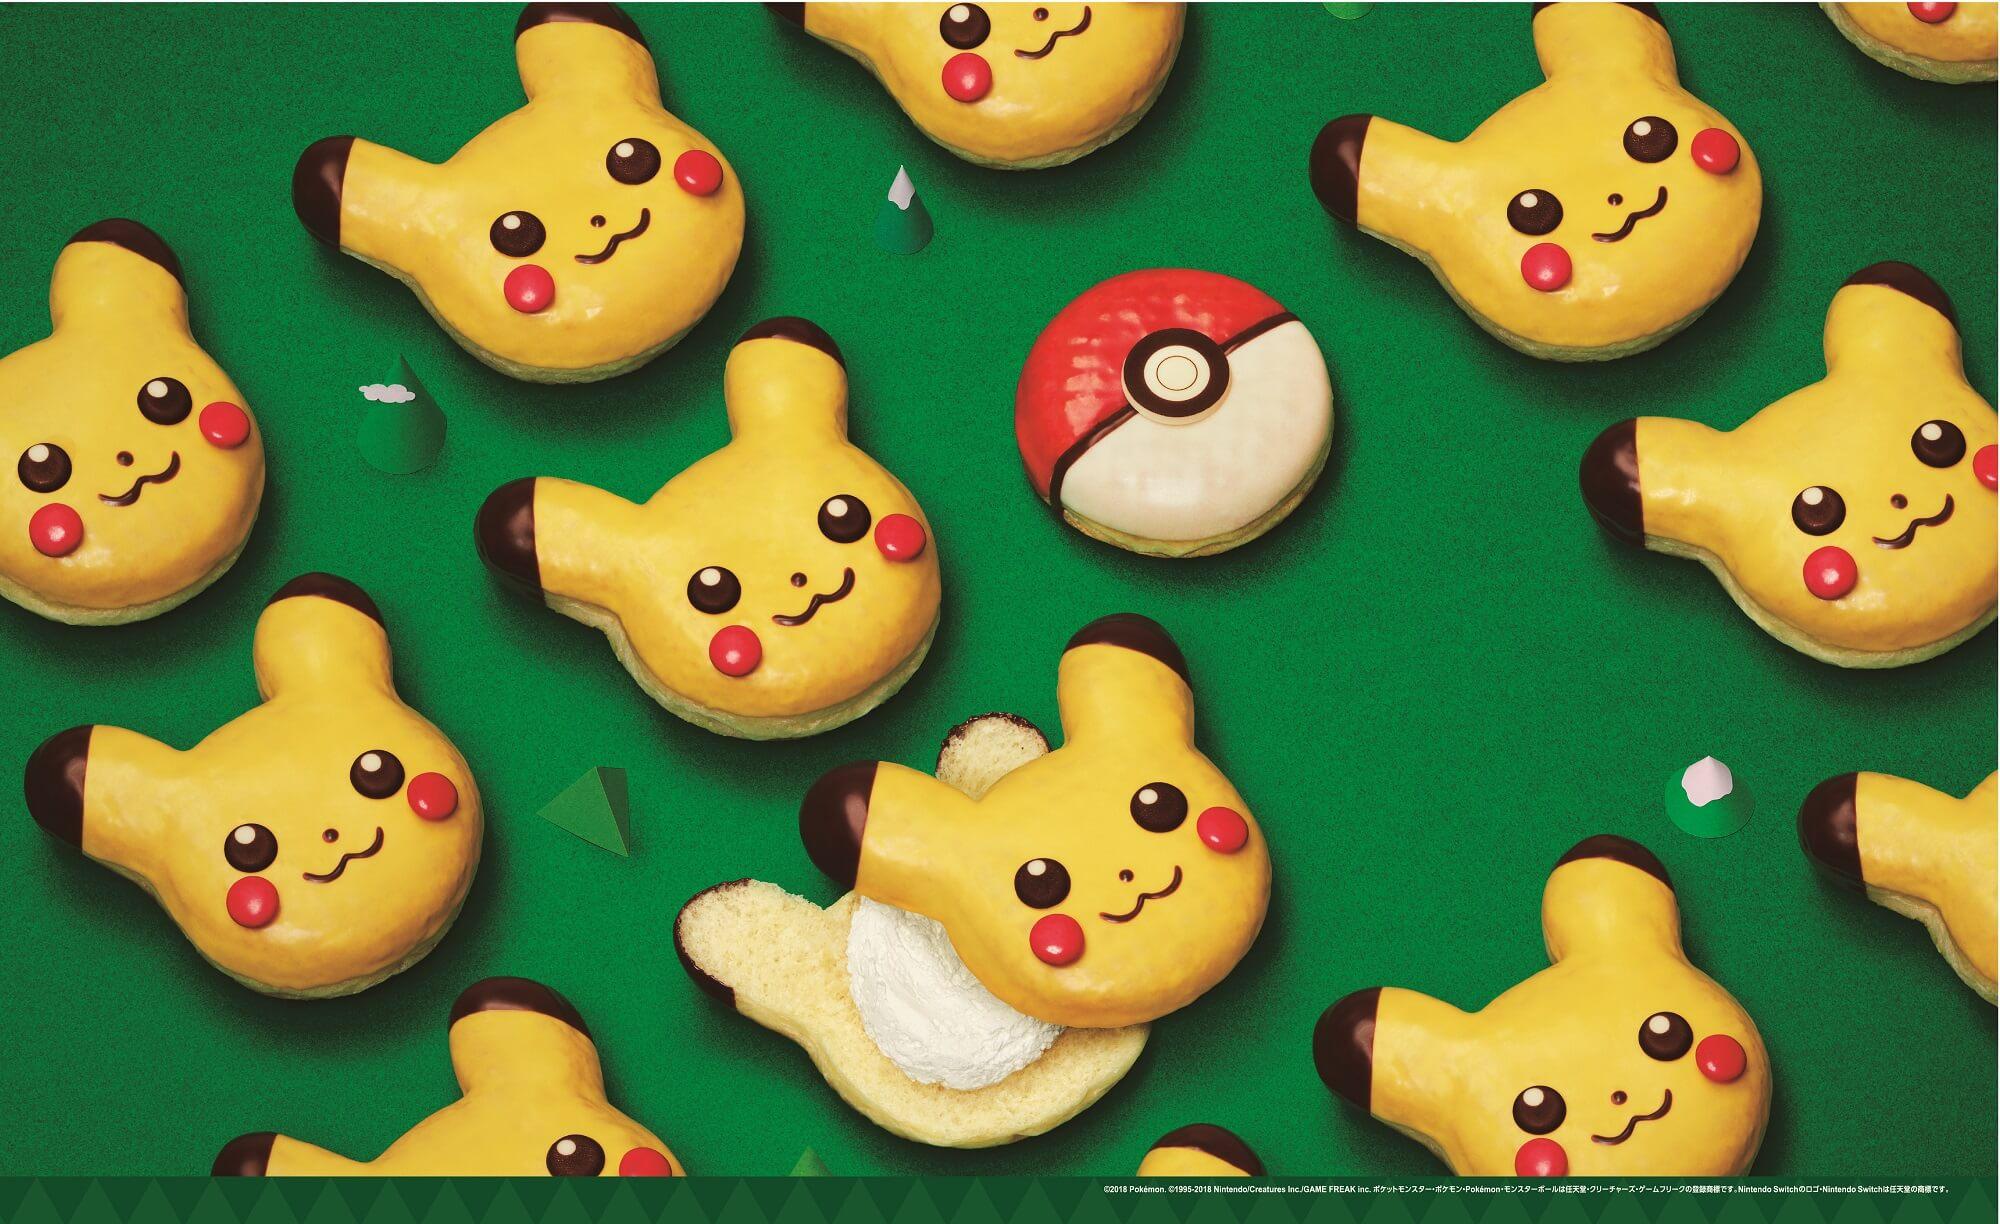 ミスタードーナツ ピカチュウ misterdonut pikachu 皮卡丘2